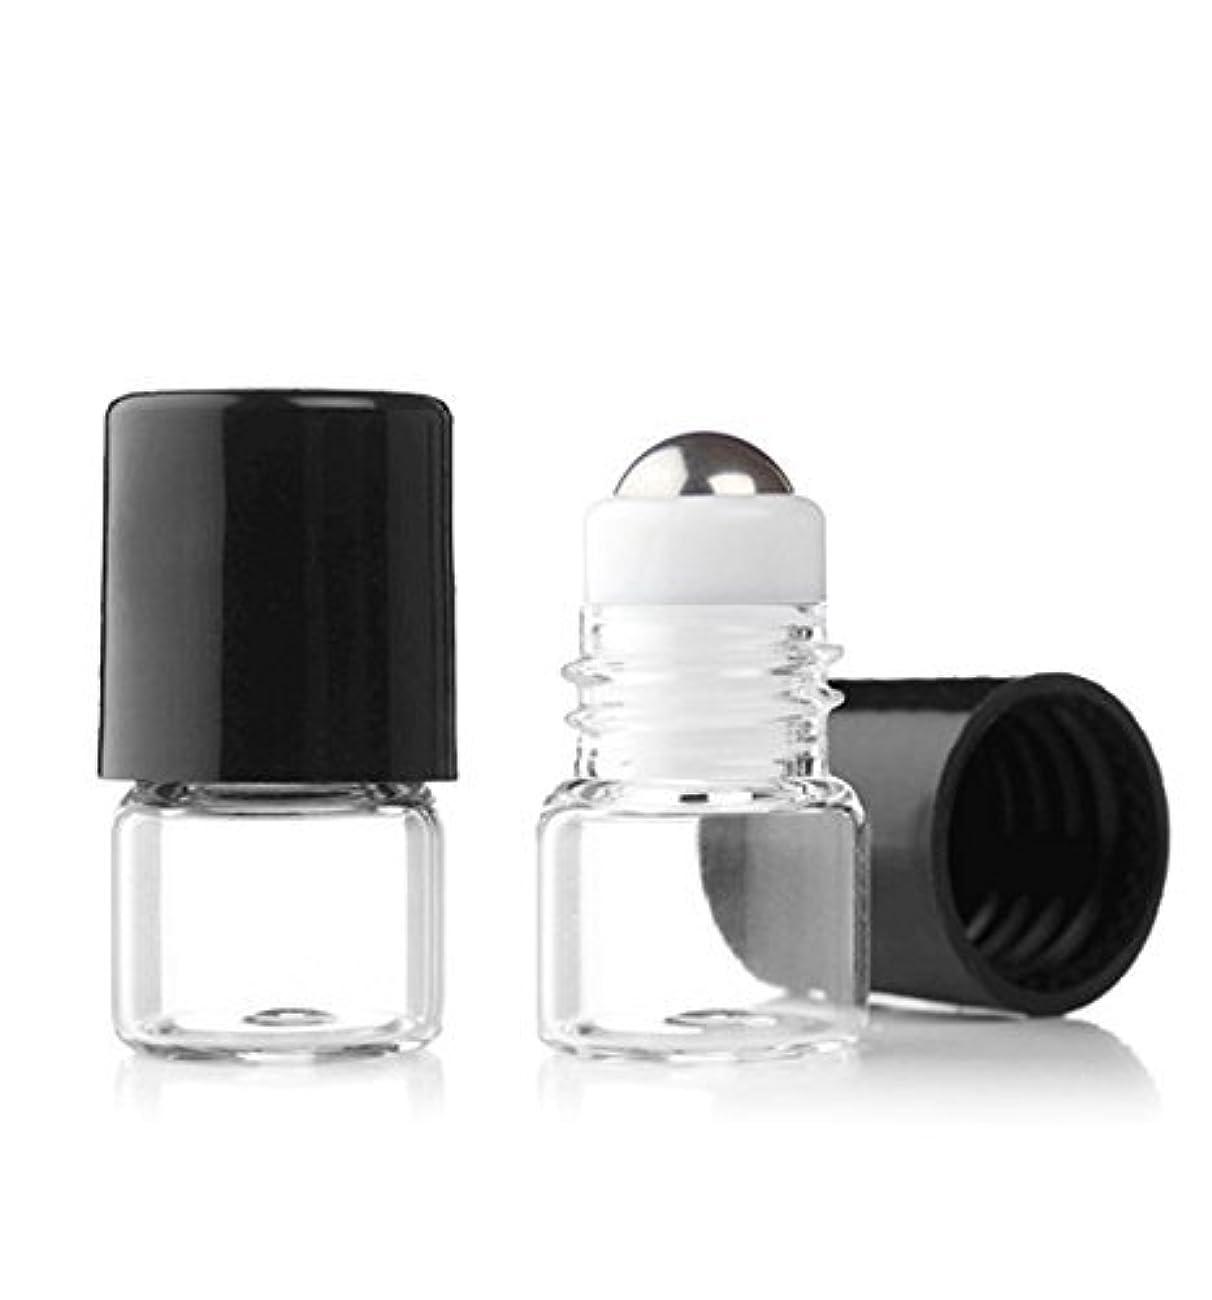 振り返る義務付けられた輸送Grand Parfums Empty 1ml Micro Mini Rollon Dram Glass Bottles with Metal Roller Balls - Refillable Aromatherapy...